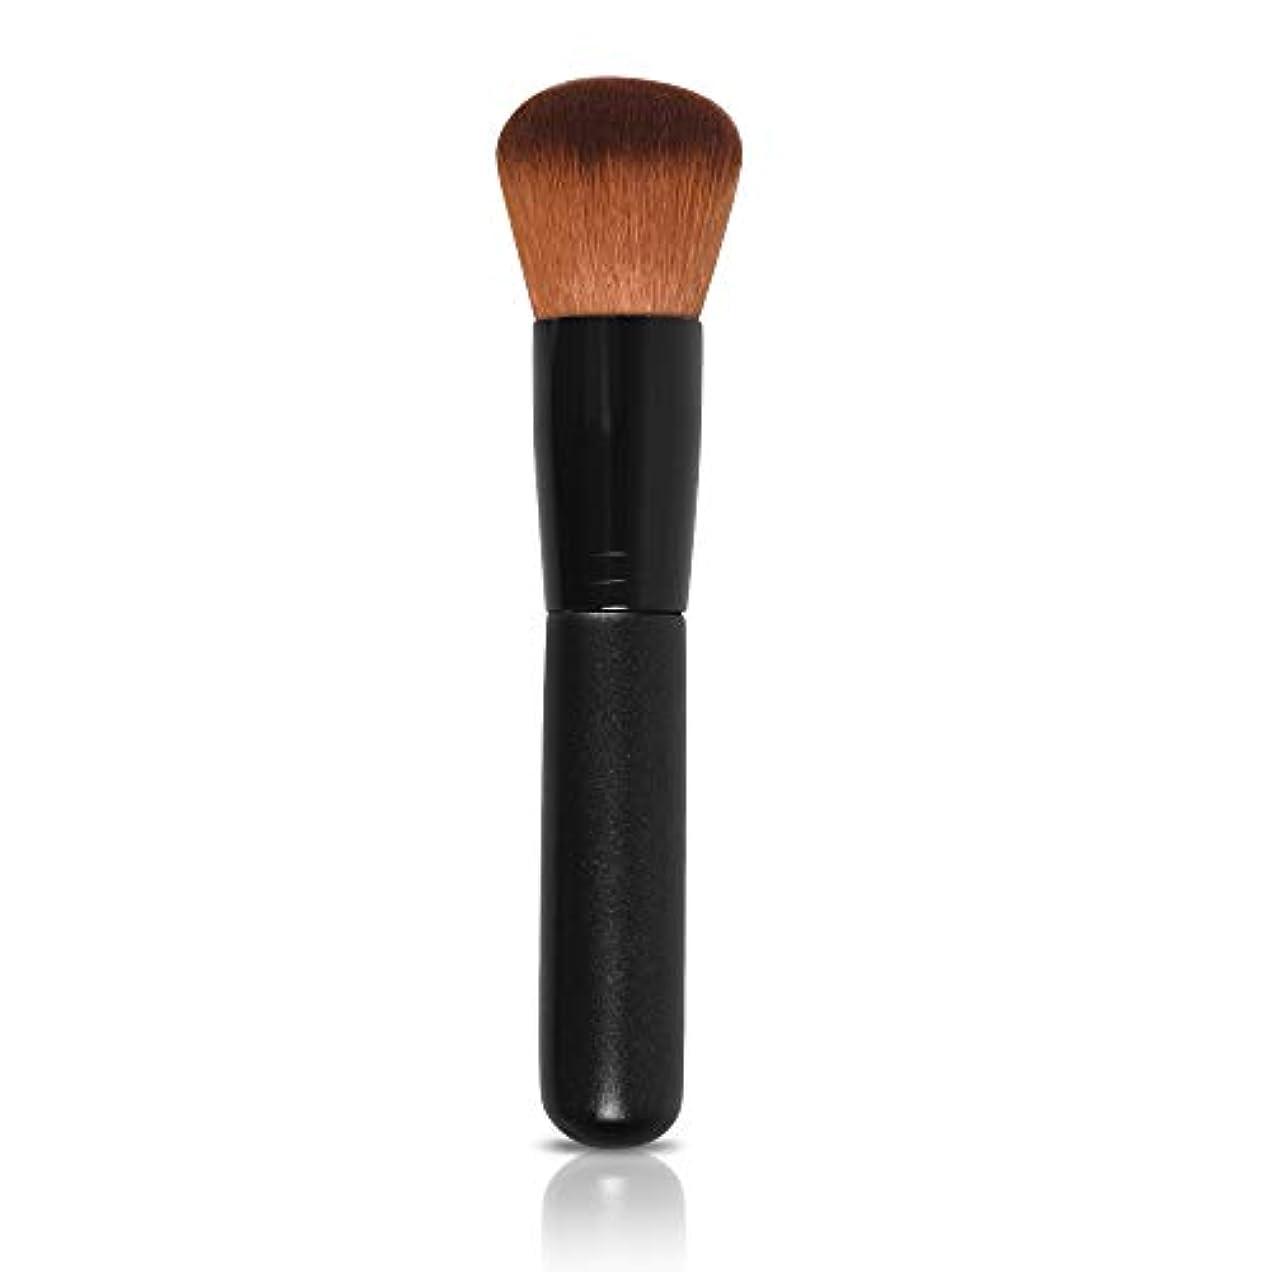 番号全能孤独な化粧筆,thsgrt フェイスブラシ ファンデーションブラシ 最高級 メイクブラシ 高品質 優しい肌触り 化粧ブラシ パウダー&チークブラシ